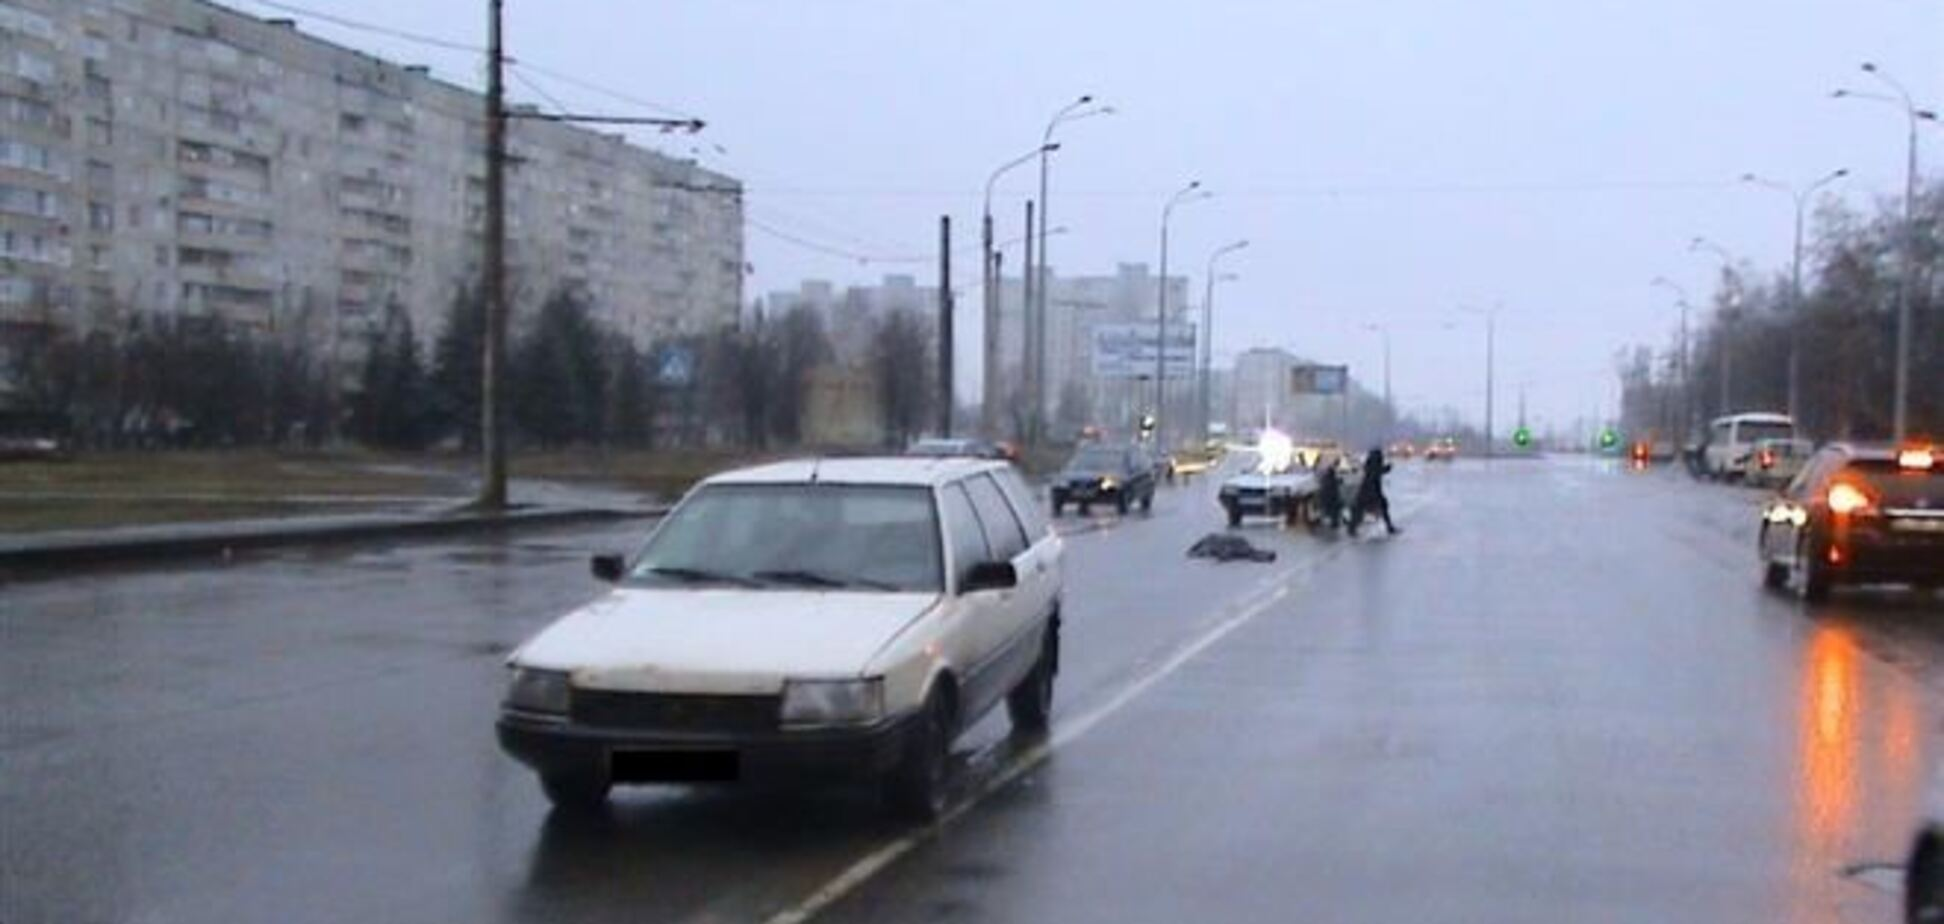 Пешехода в Харькове переехали две машины